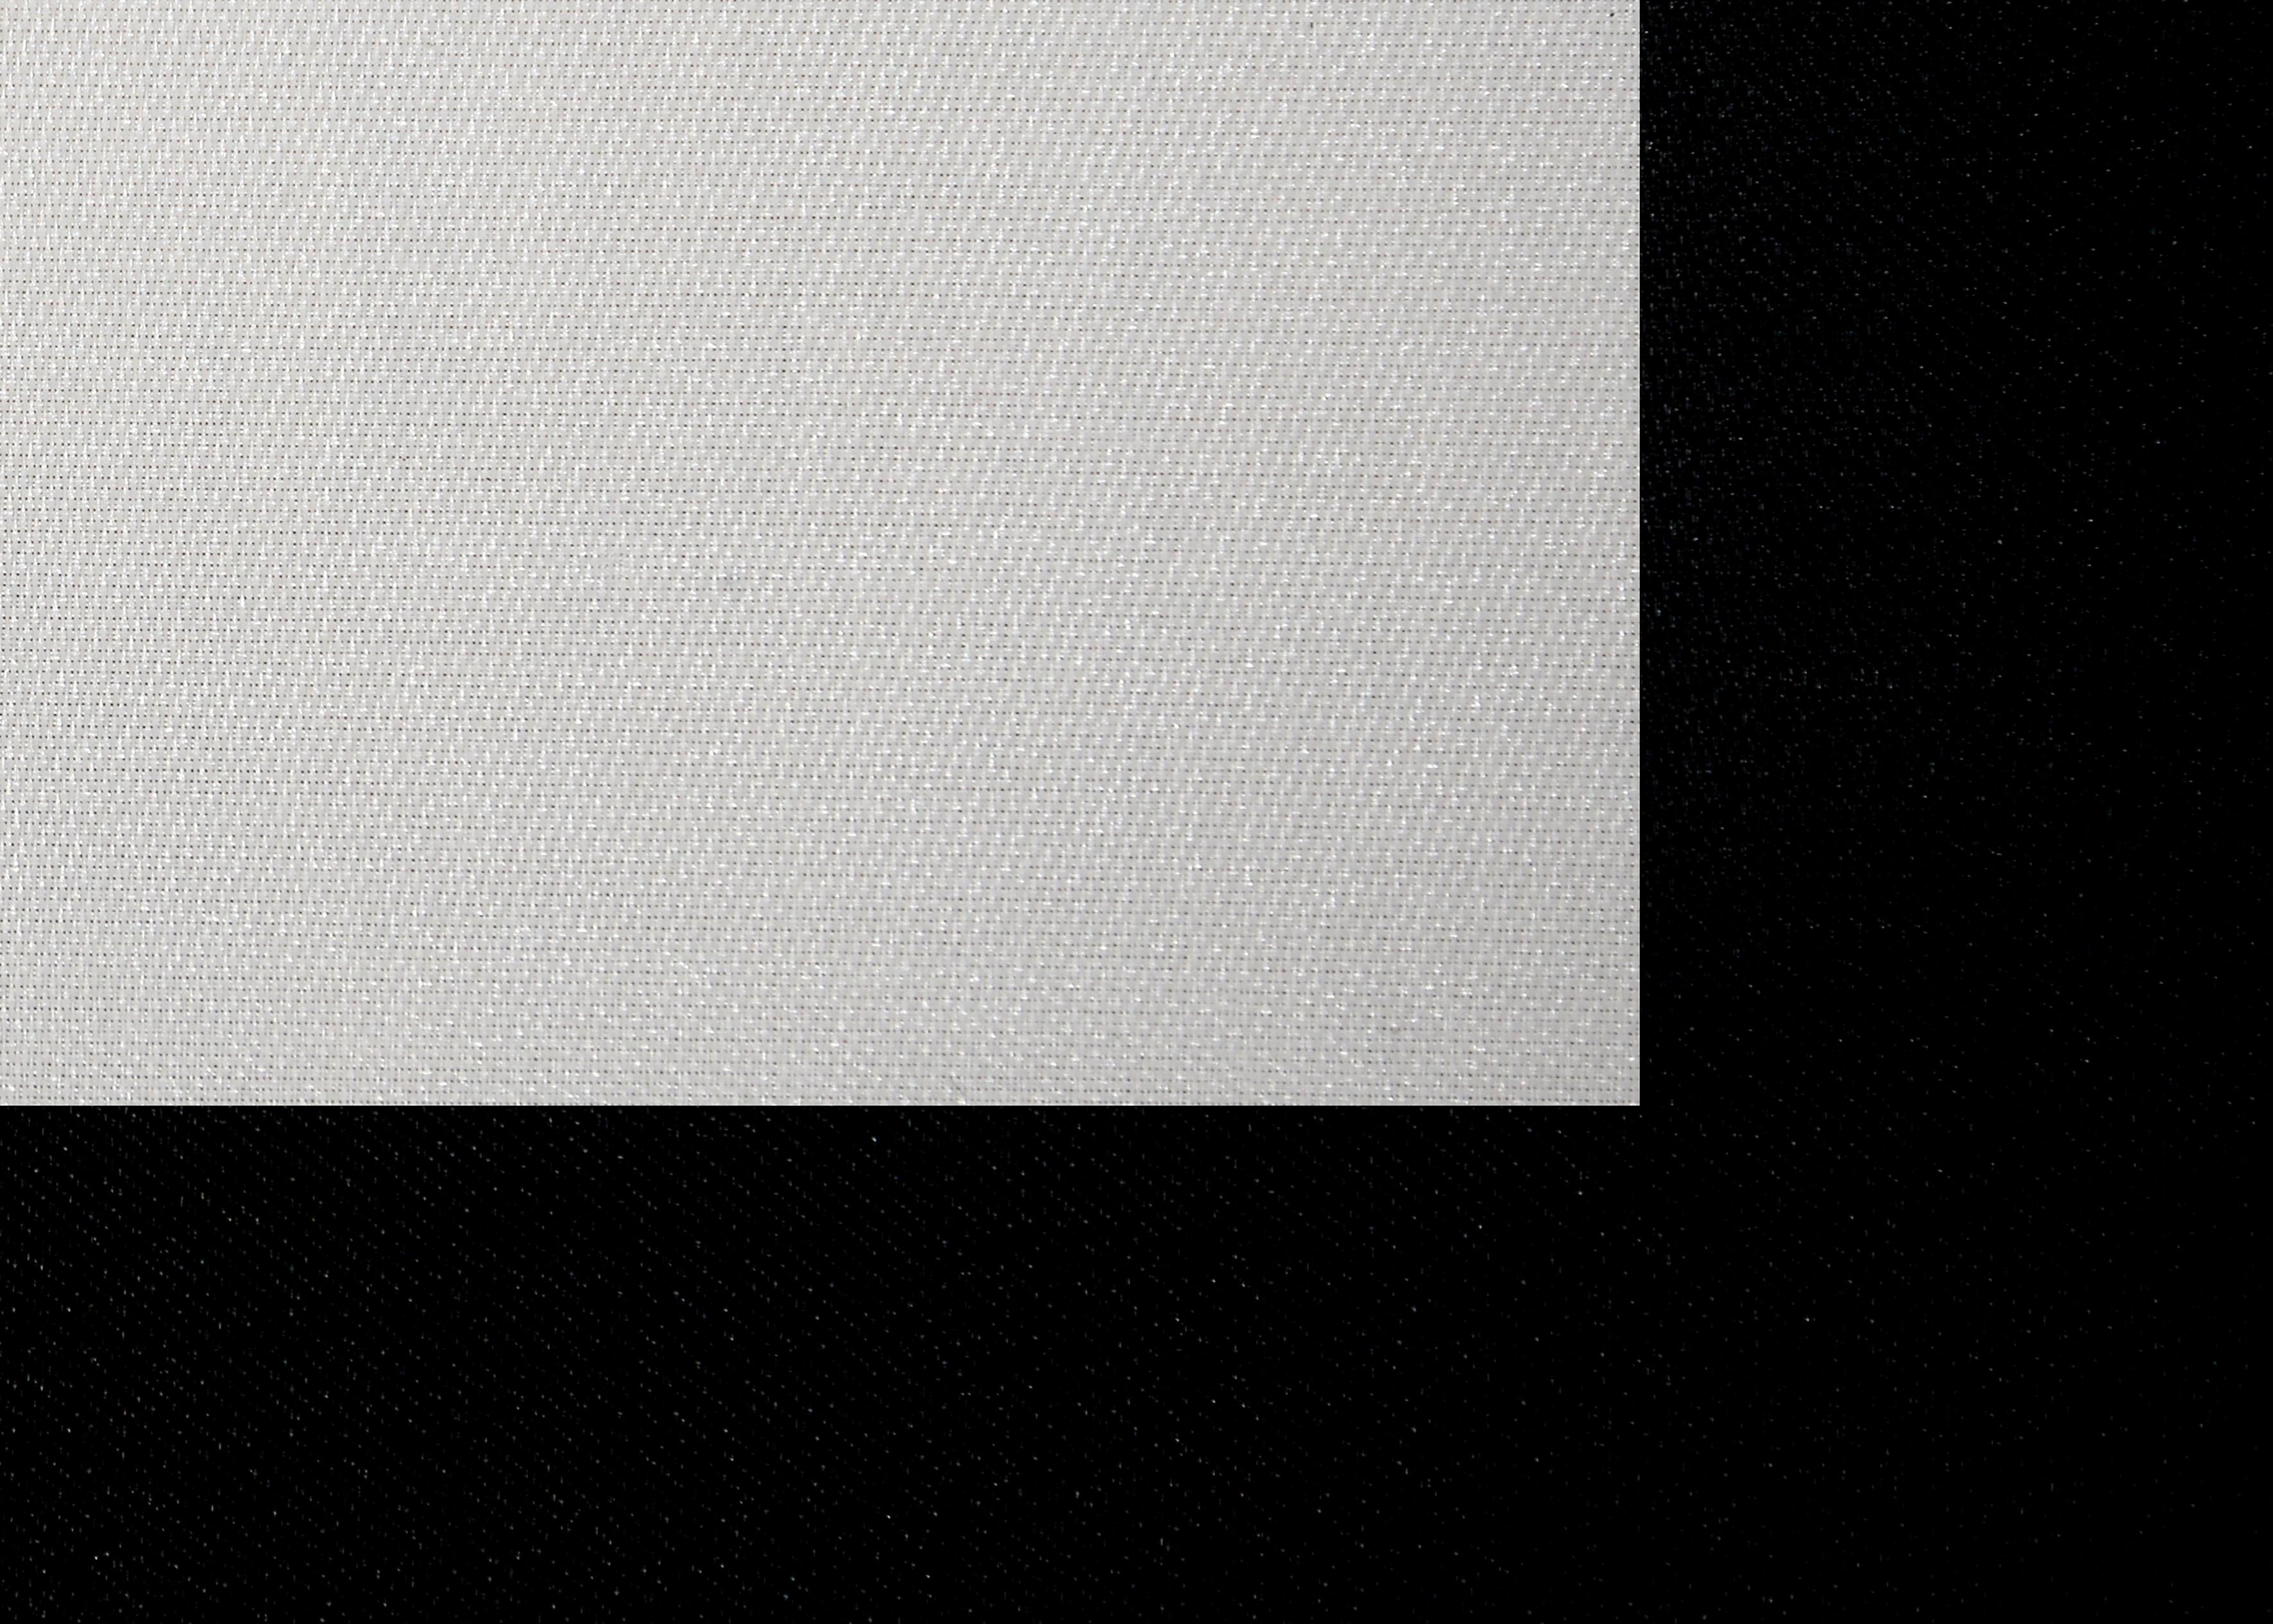 Foto: Michael B. Rehders In der Makroaufnahme ist gut zu sehen, wie fein das Tuch gewebt ist. Durch die nur aus allernächster Nähe sichtbare Perforation kann der Ton ungehindert zum Publikum strahlen, während das Bild vollständig und ohne nennenswerte Detailverluste abgebildet wird. Ab einem Betrachtungsabstand von etwa 2,50 Meter ist die Glasfaser-Gewebestruktur nicht mehr zu erkennen.